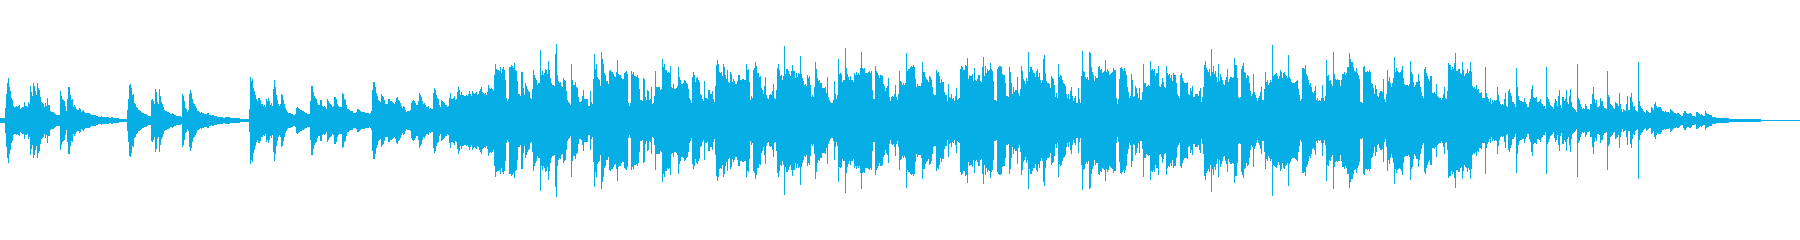 高音ピアノとストリングスの悲しい劇伴の再生済みの波形